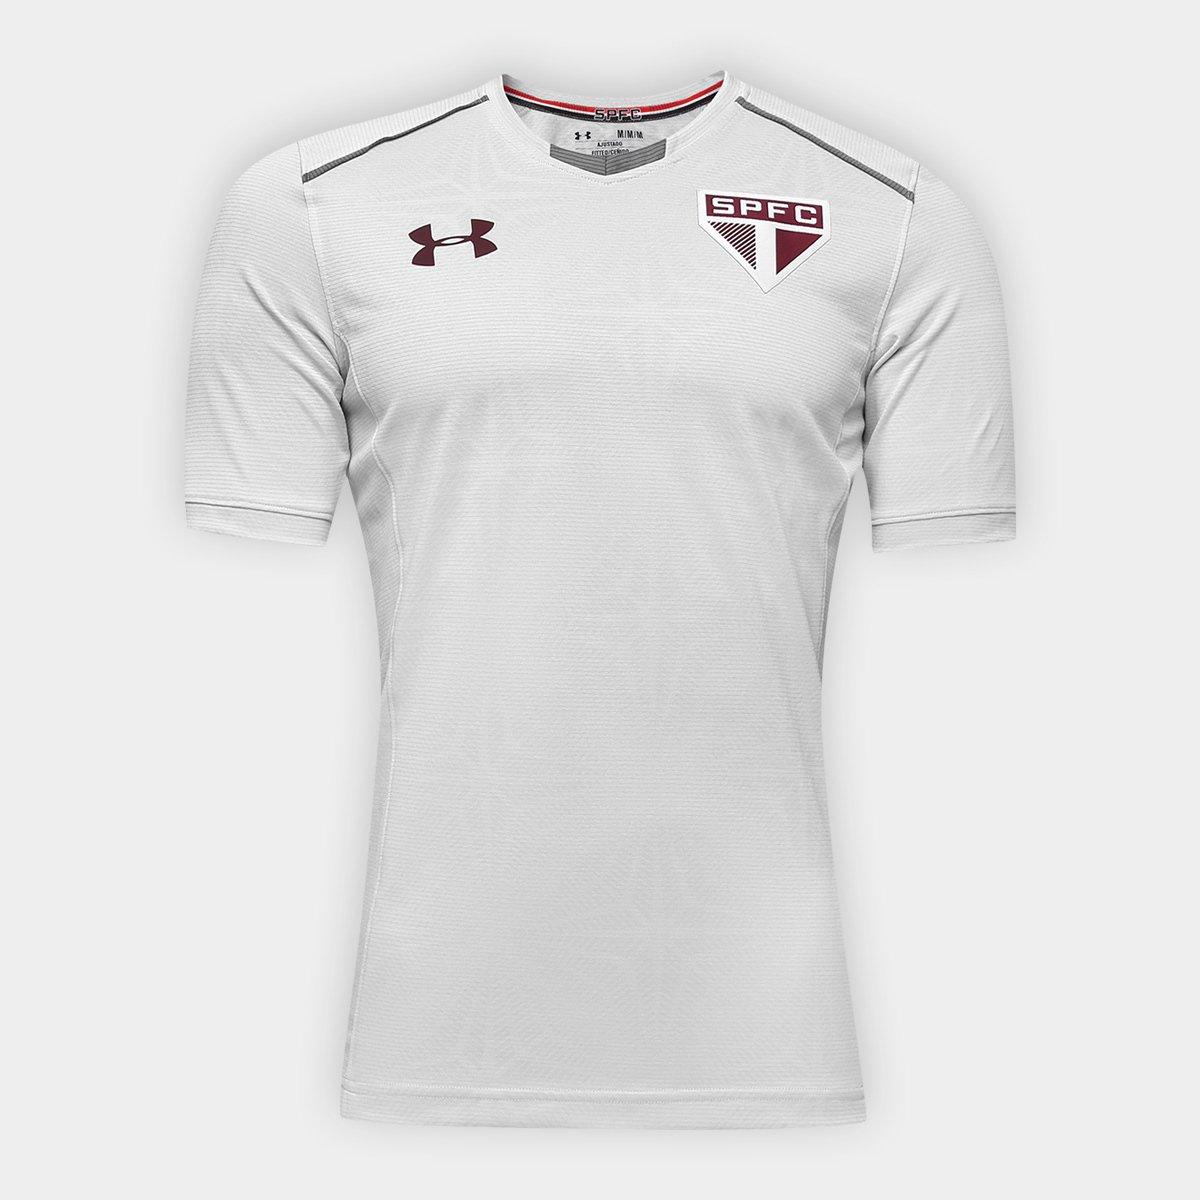 Camisa de Treino São Paulo 17 18 Under Armour Masculina - Compre ... 13cac171a0588